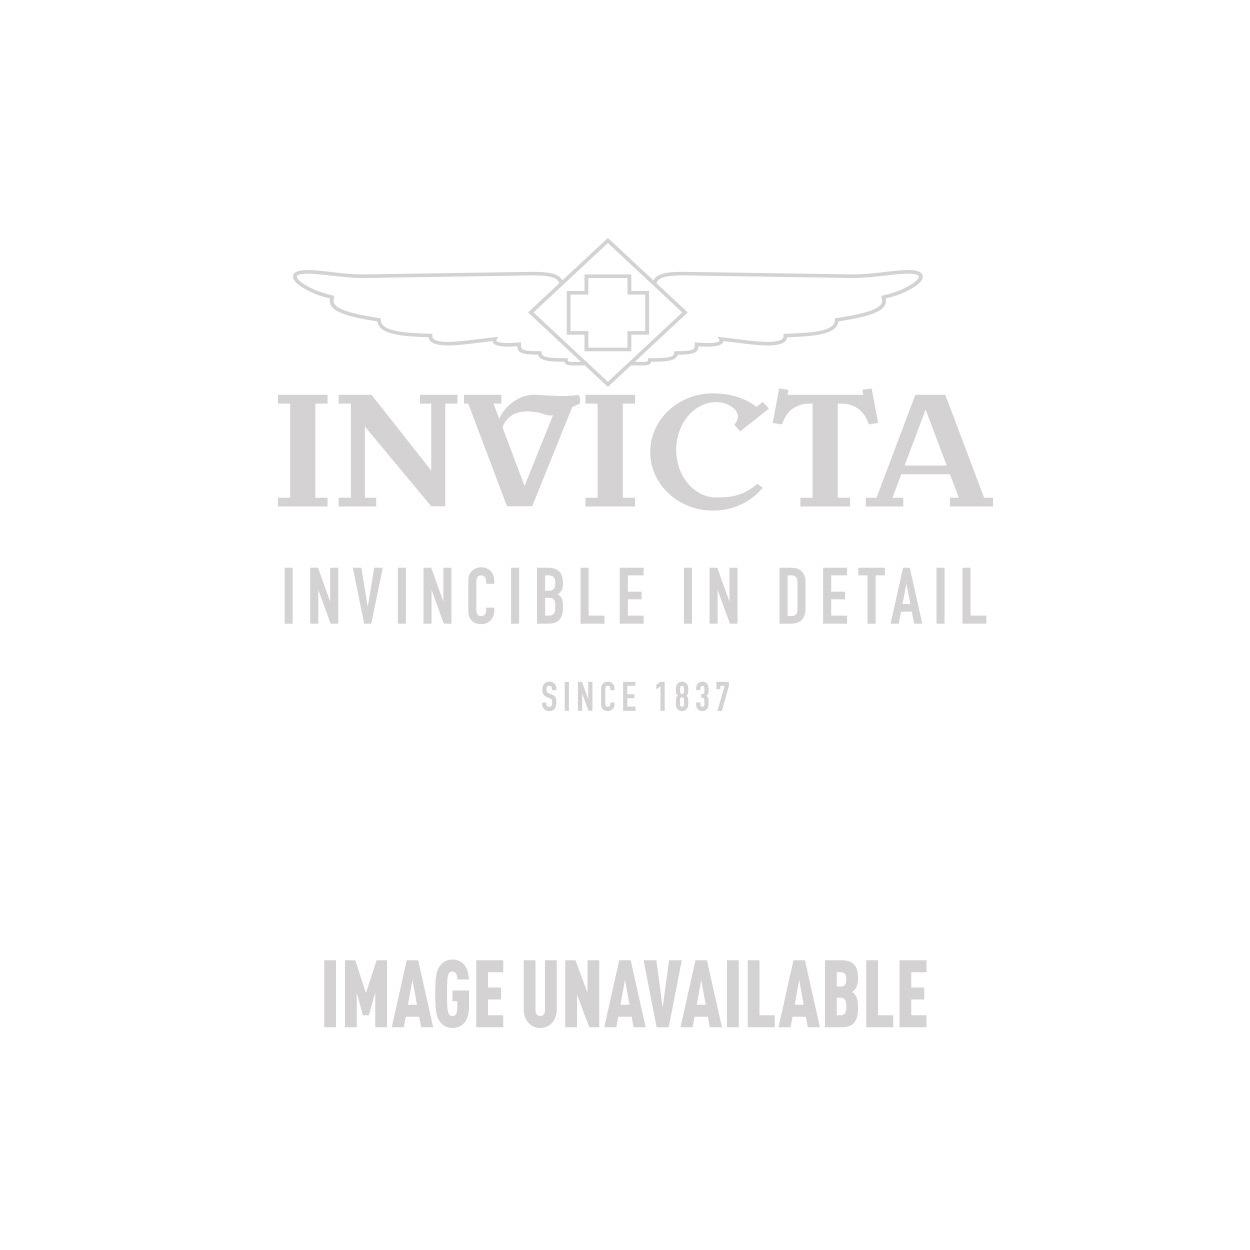 Invicta Model 27187